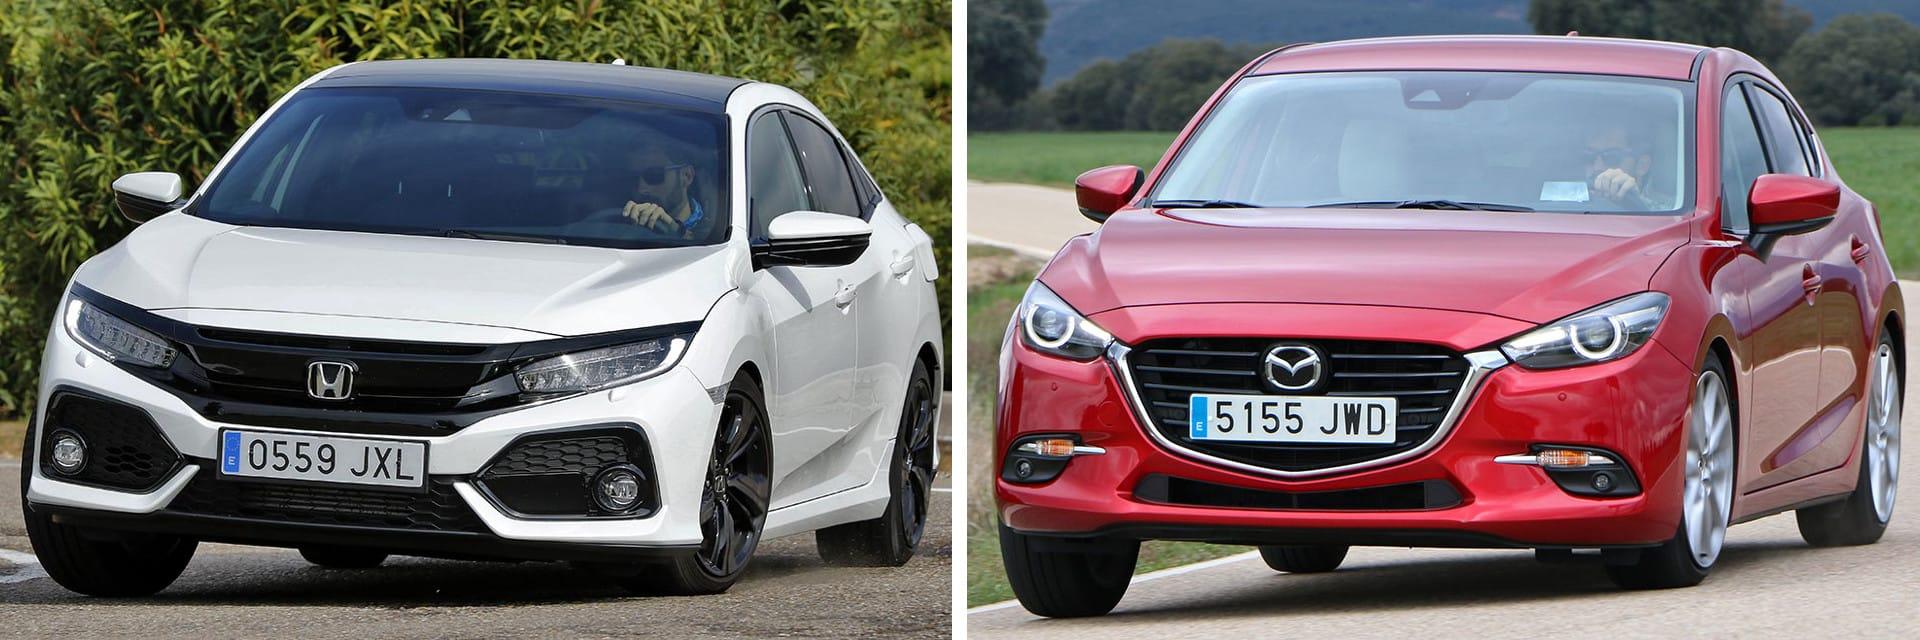 Para pasar de 80 a 120 km/h en sexta velocidad, el Civic (izq.) tarda casi 10 segundos menos que el Mazda3 (dcha.): 15,8 segundos por los 25 del Mazda.